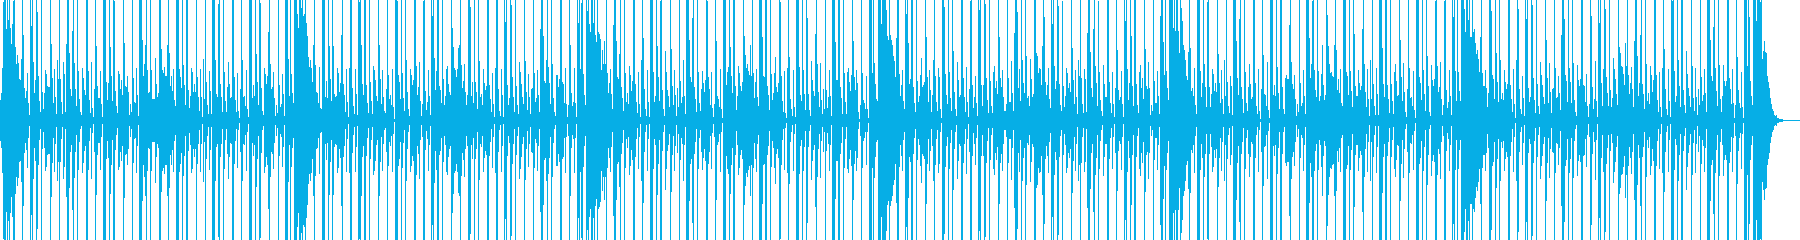 動画向け少し跳ねるドラムソロ8ビートの再生済みの波形